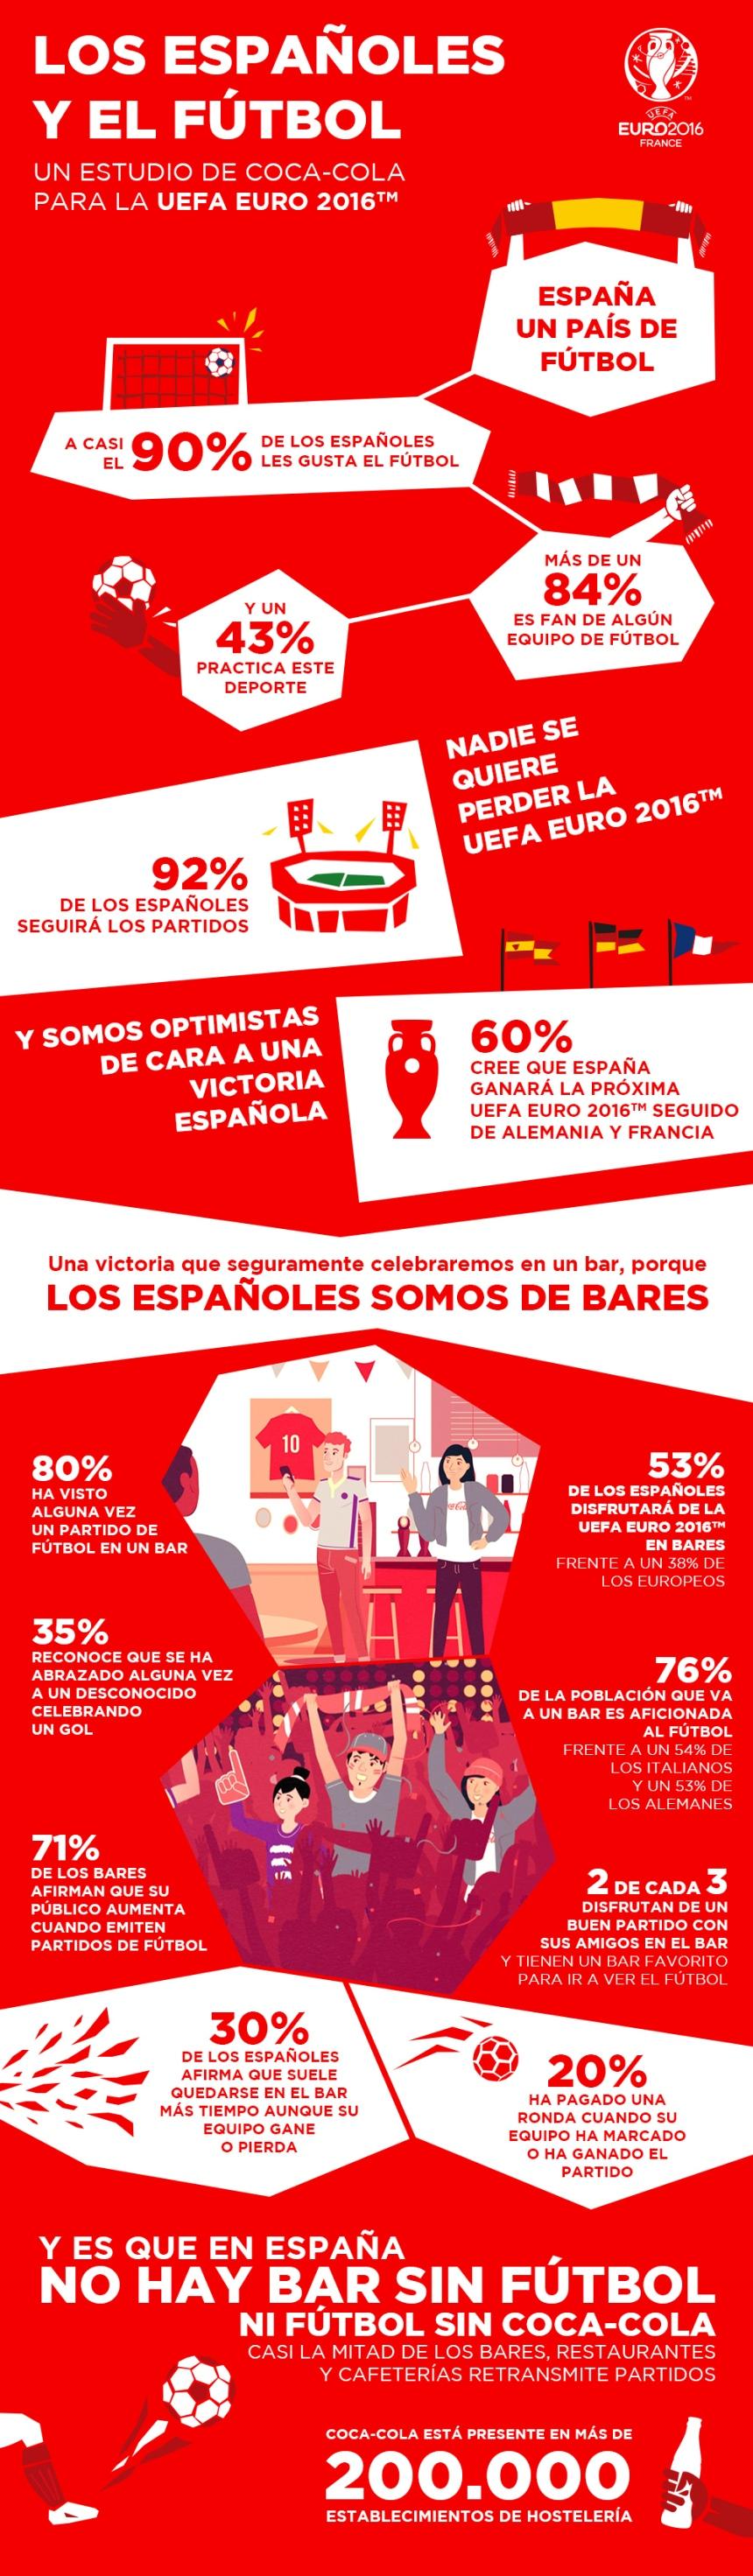 espanoles-futbol-infografia